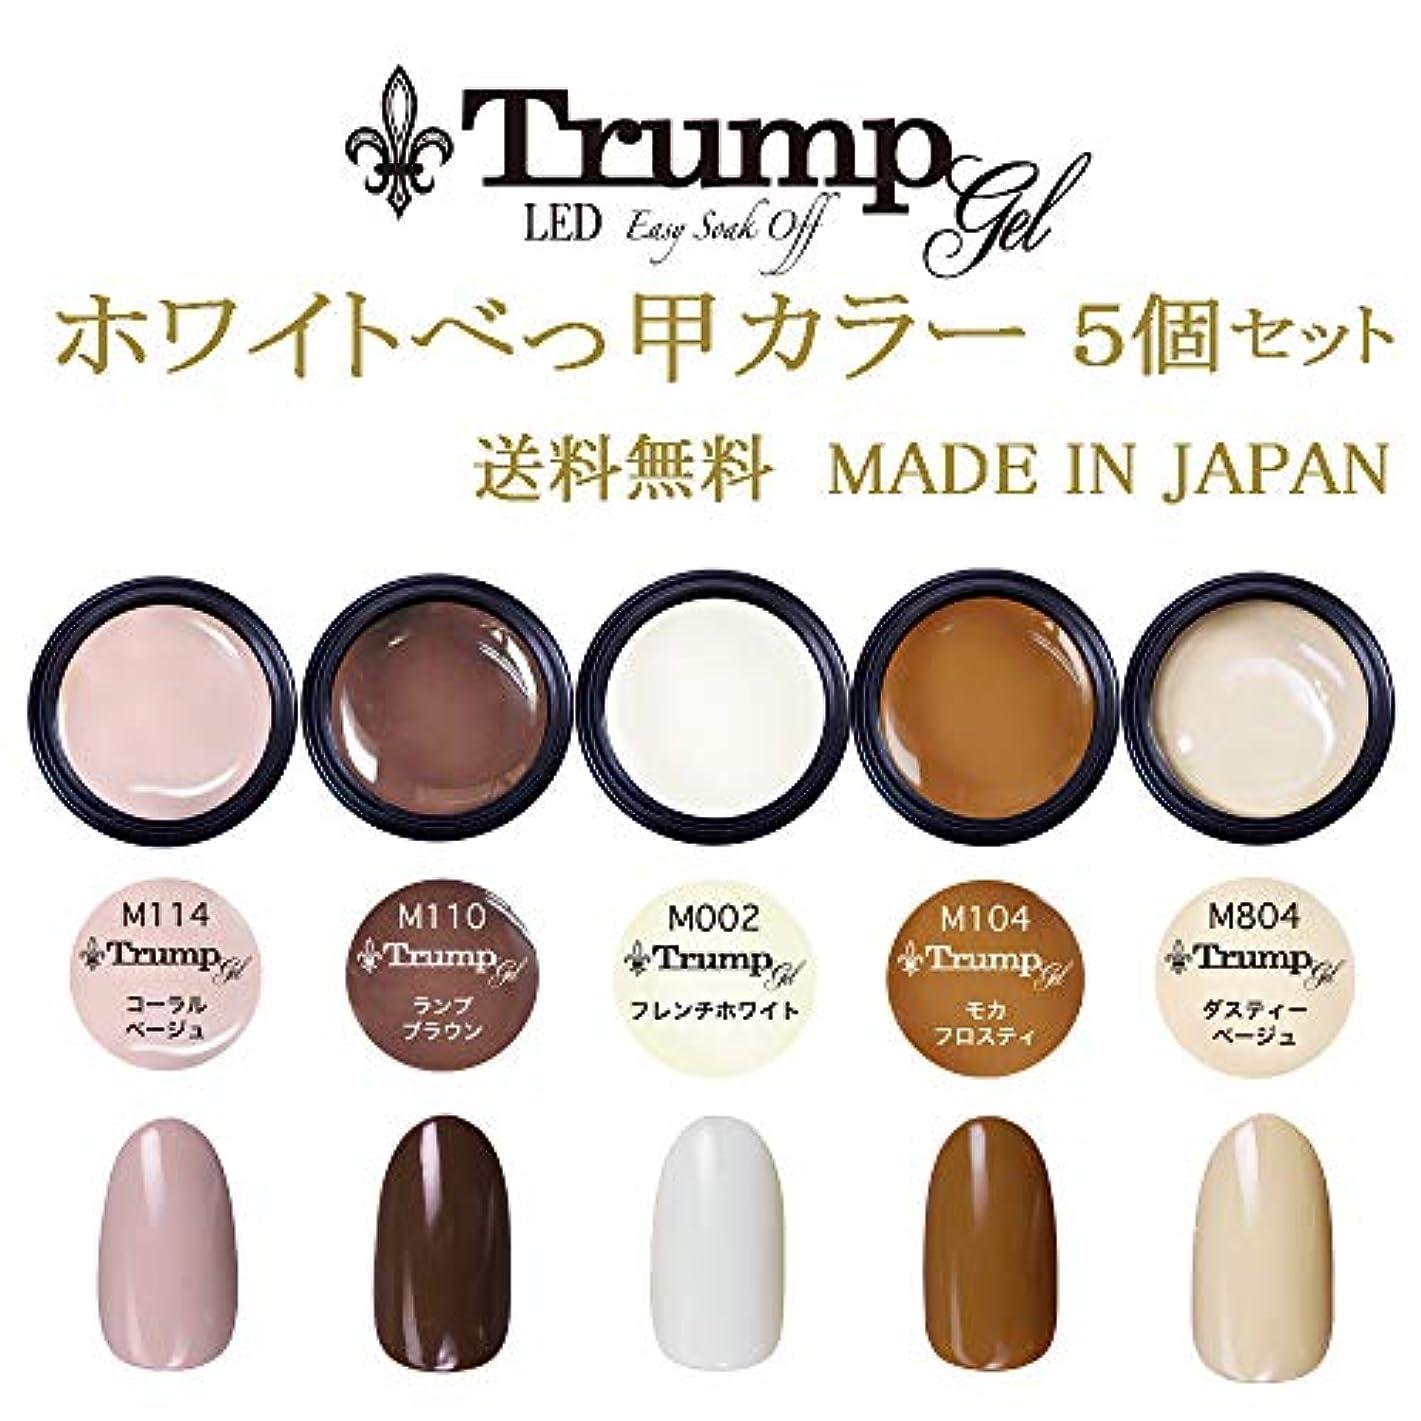 調和のとれた南方の悪化させる【送料無料】日本製 Trump gel トランプジェルホワイトべっ甲カラージェル 5個セット スタイリッシュでオシャレな 白べっ甲カラージェルセット